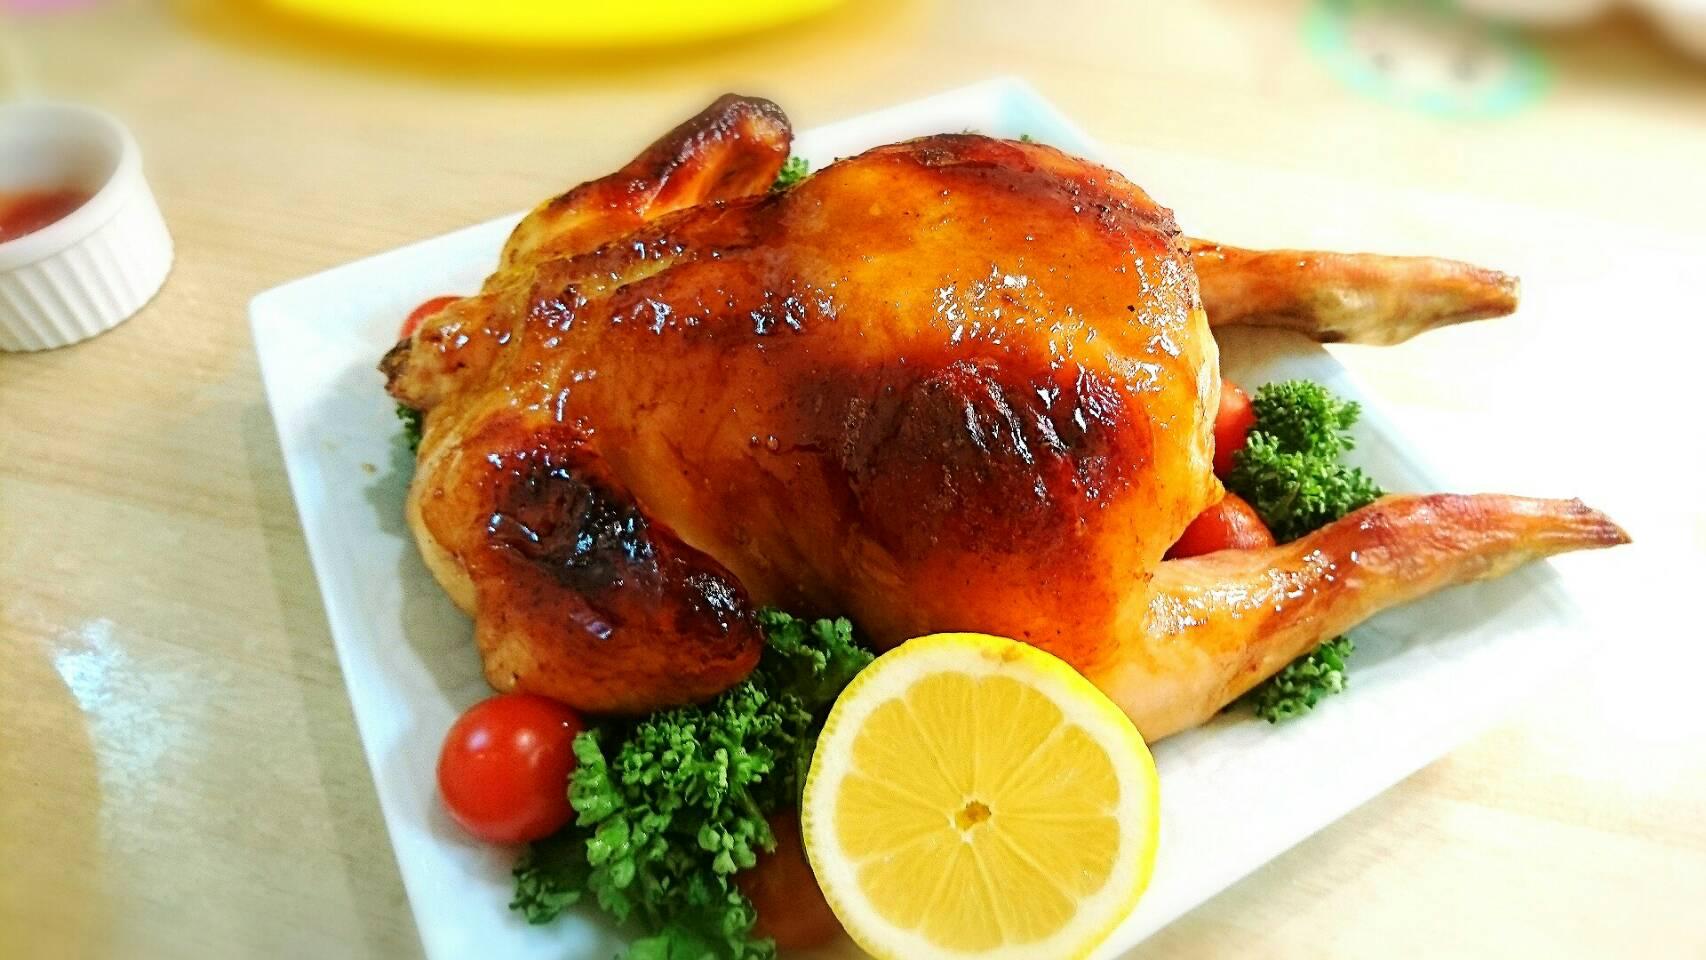 【クリスマスメニュー】丸鶏のローストチキン